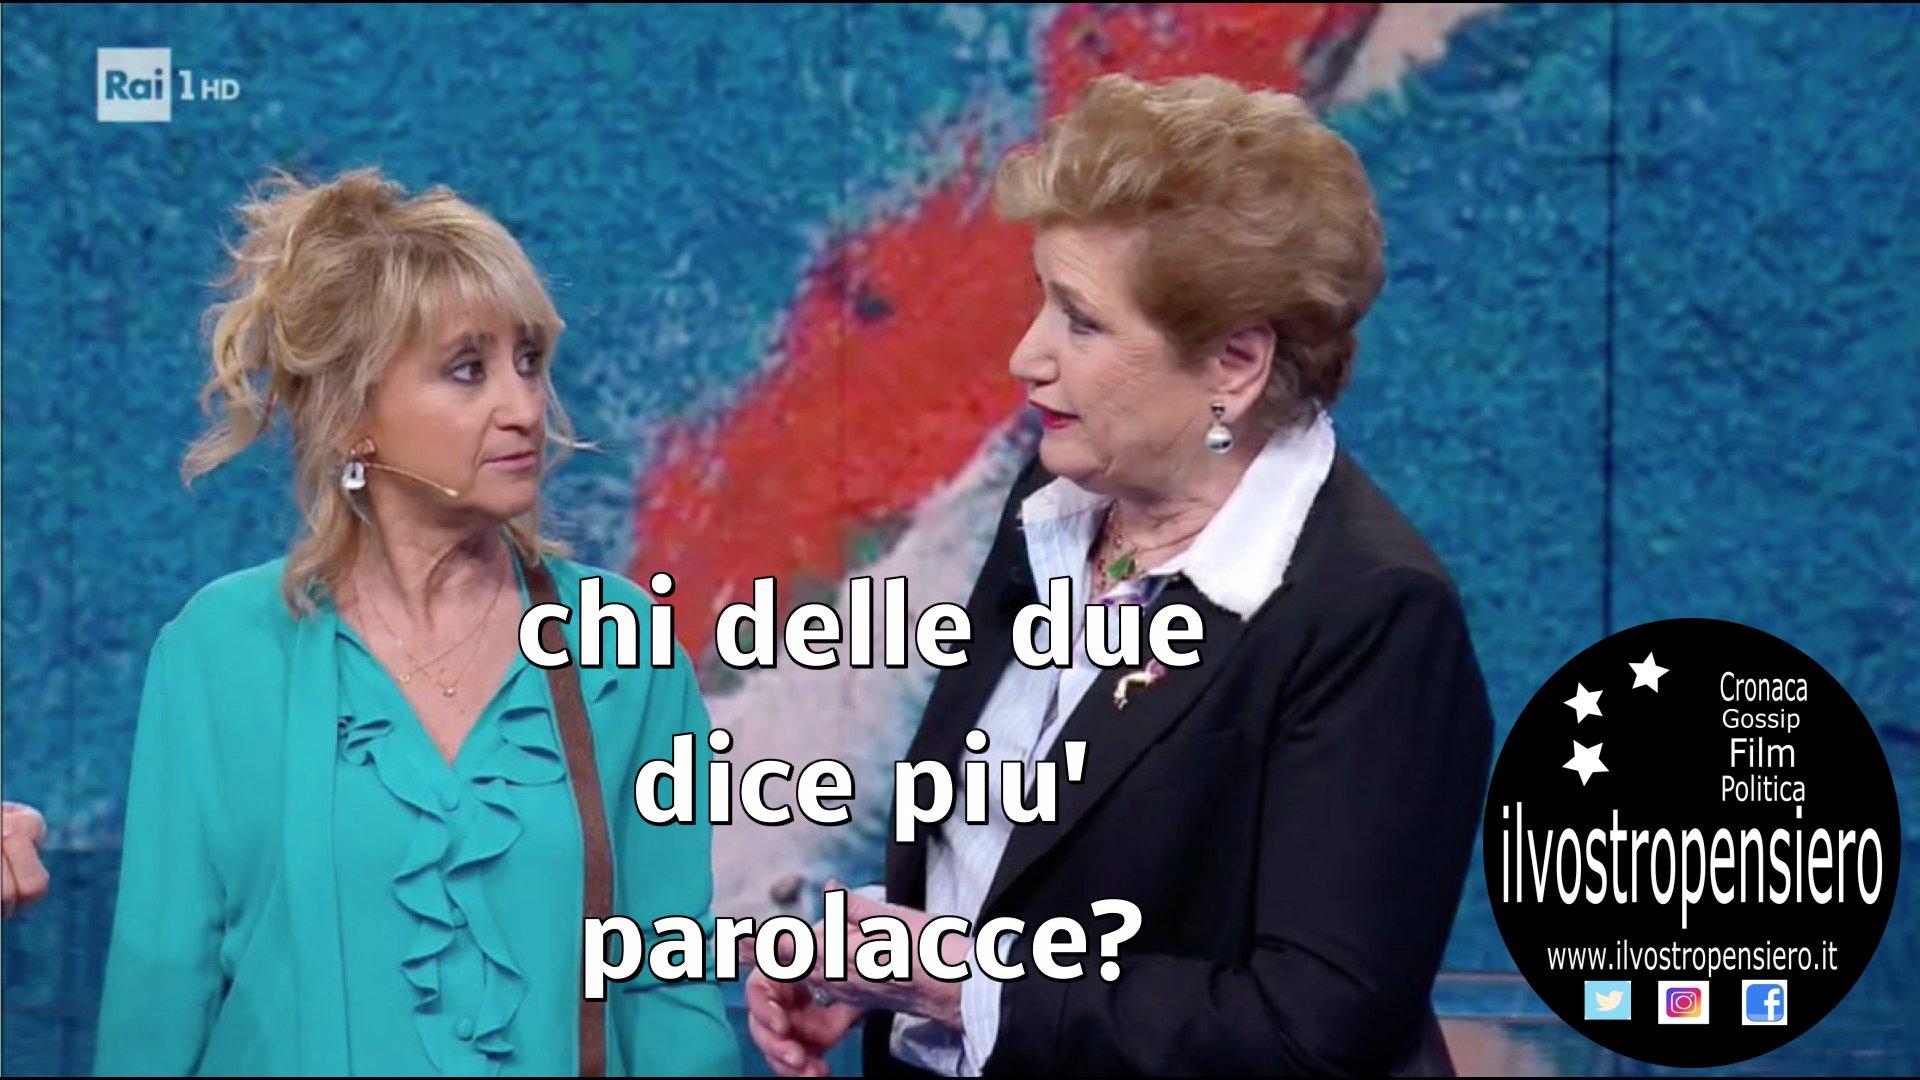 Sondaggio: chi tra Littizzetto e Maionchi dice piu' parolacce? rispondi al sondaggio…